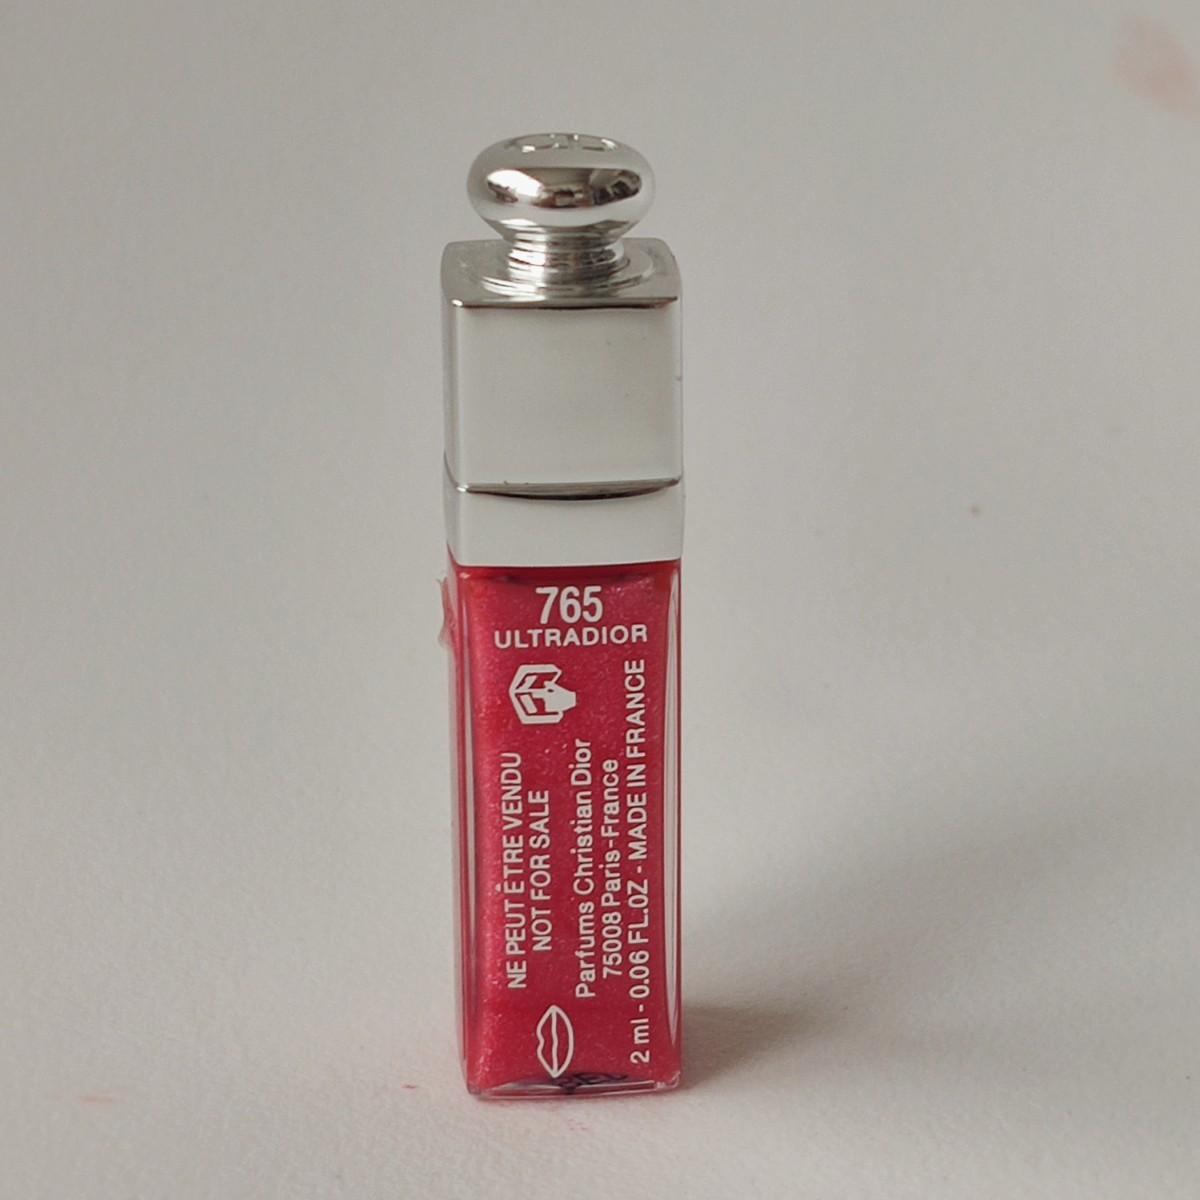 Dior #765 ディオールアディクトリップ ディオール リップグロス ブランド口紅